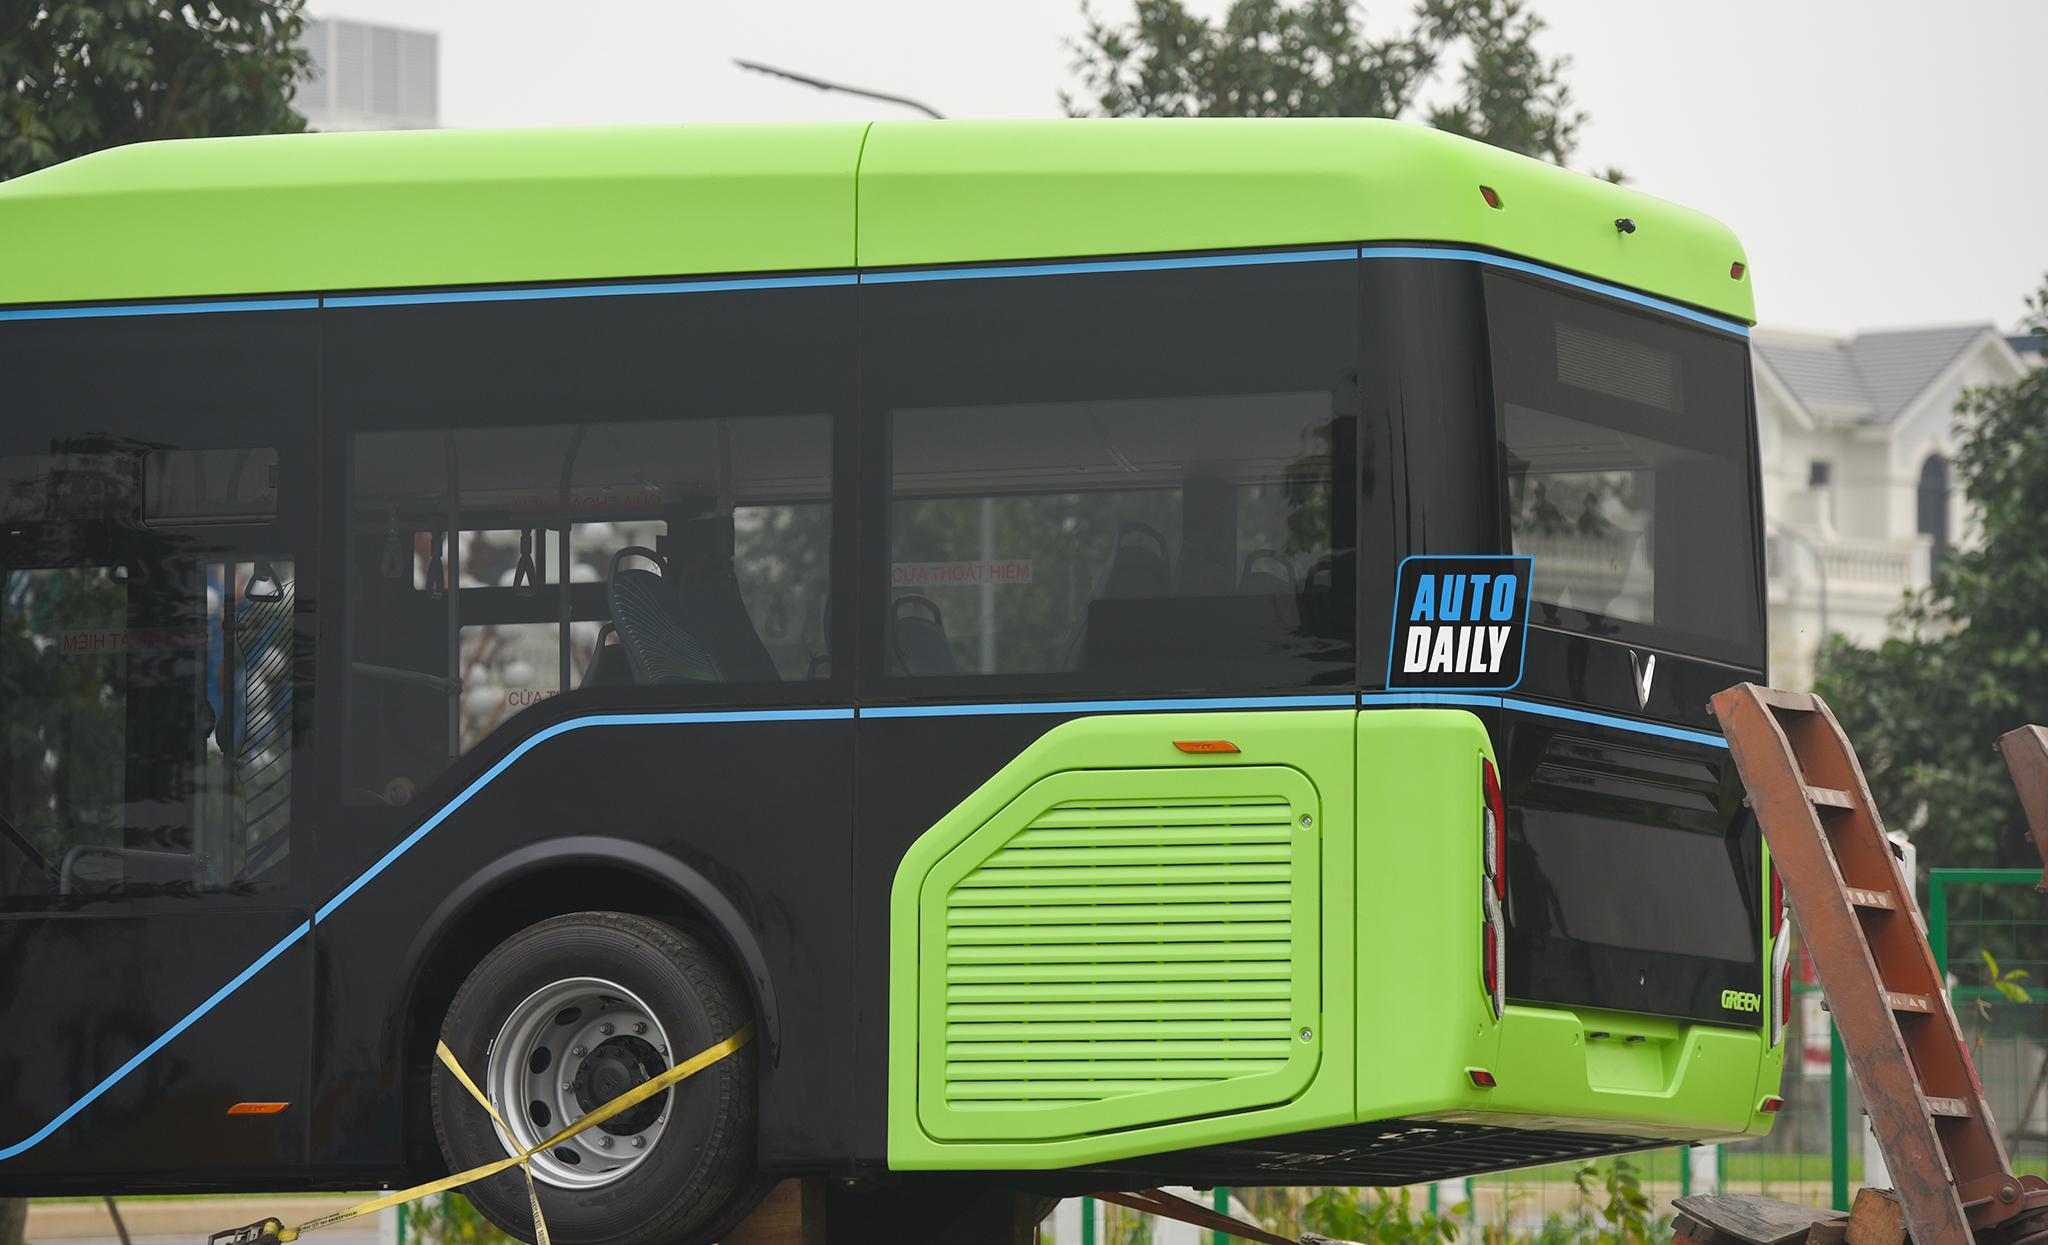 Chùm ảnh loạt xe Bus điện VinFast có mặt tại Hà Nội, sẵn sàng chạy thí điểm dsc-3869-copy.jpg